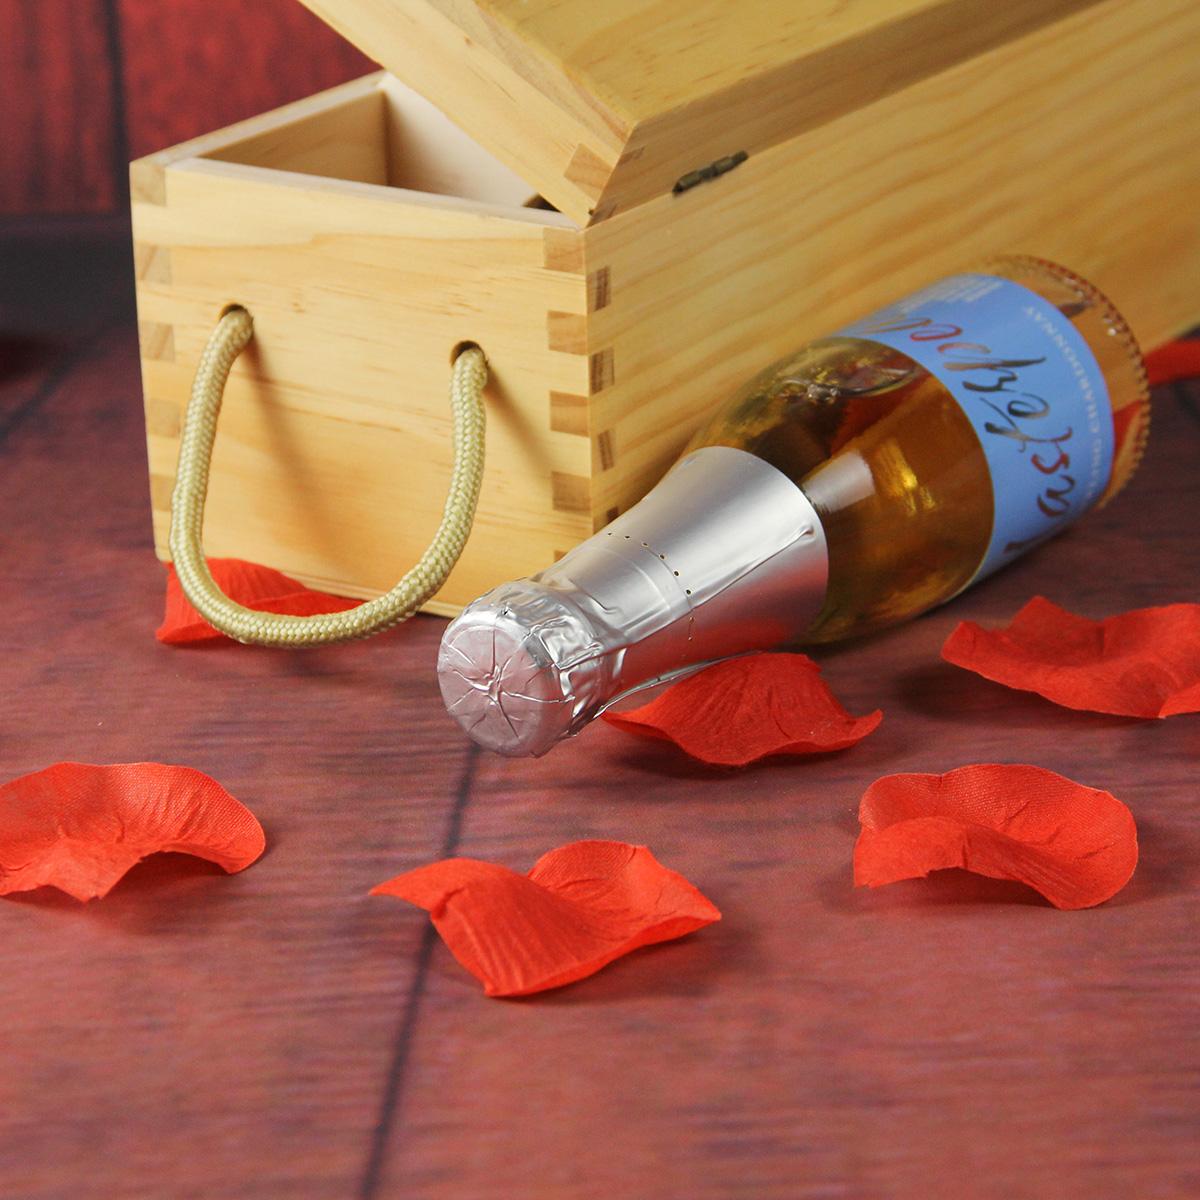 澳大利亚维多利亚安德鲁皮士酒庄皮士大师霞多丽小瓶起泡酒200mL